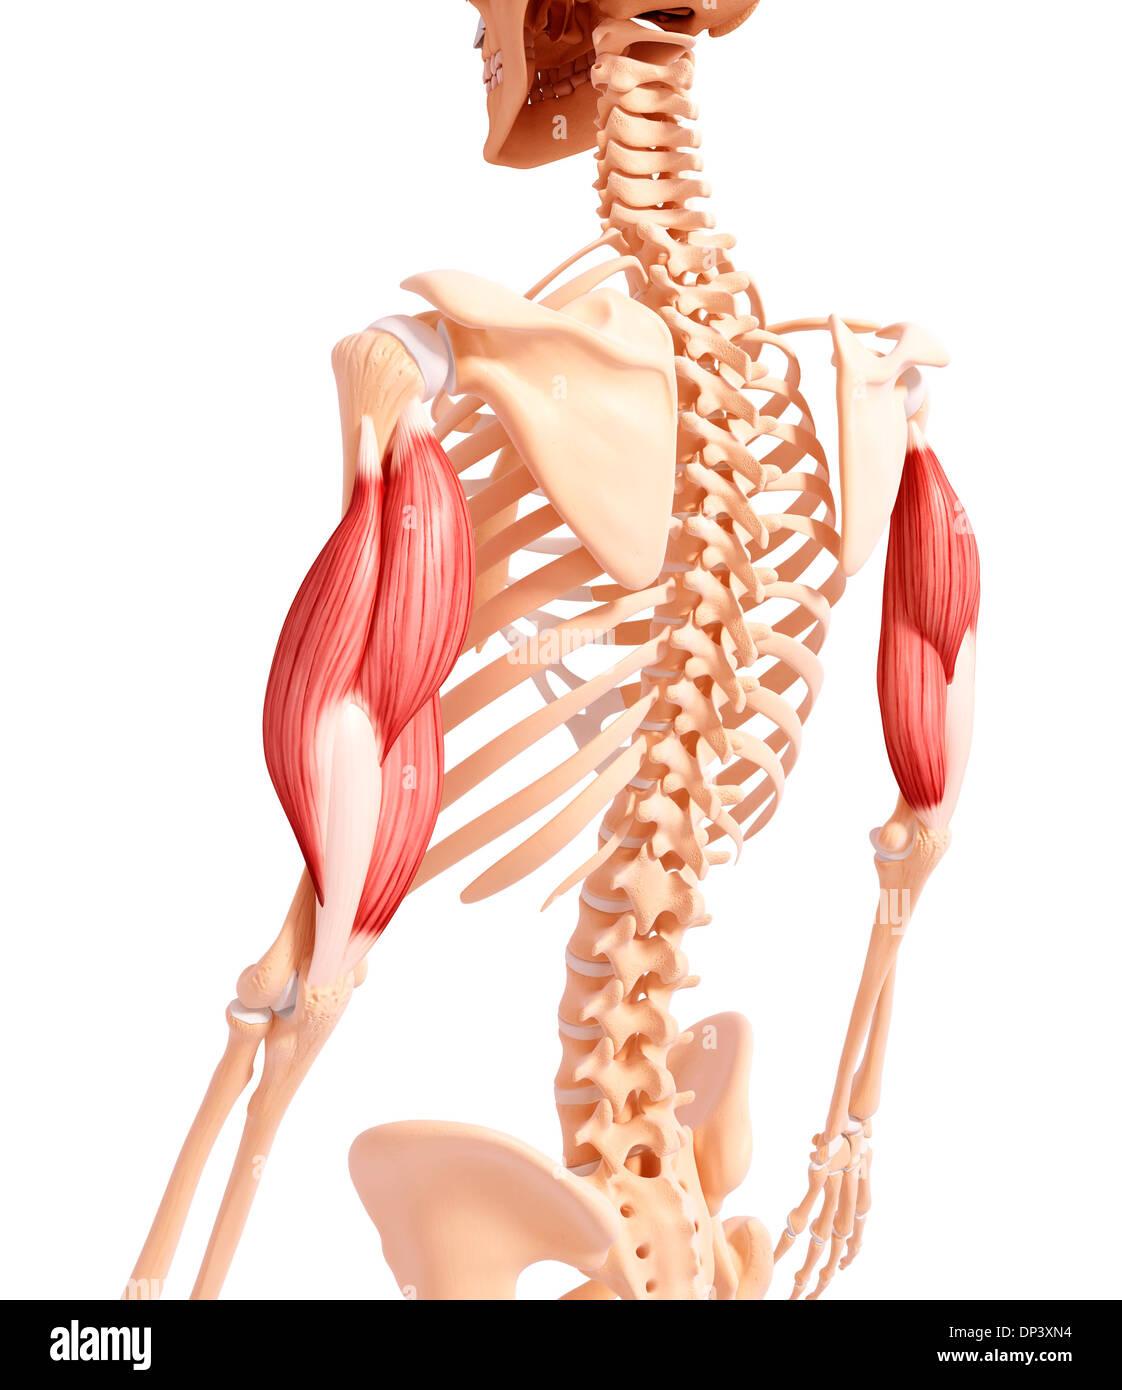 Menschlicher Arm Muskulatur, artwork Stockfoto, Bild: 65240368 - Alamy